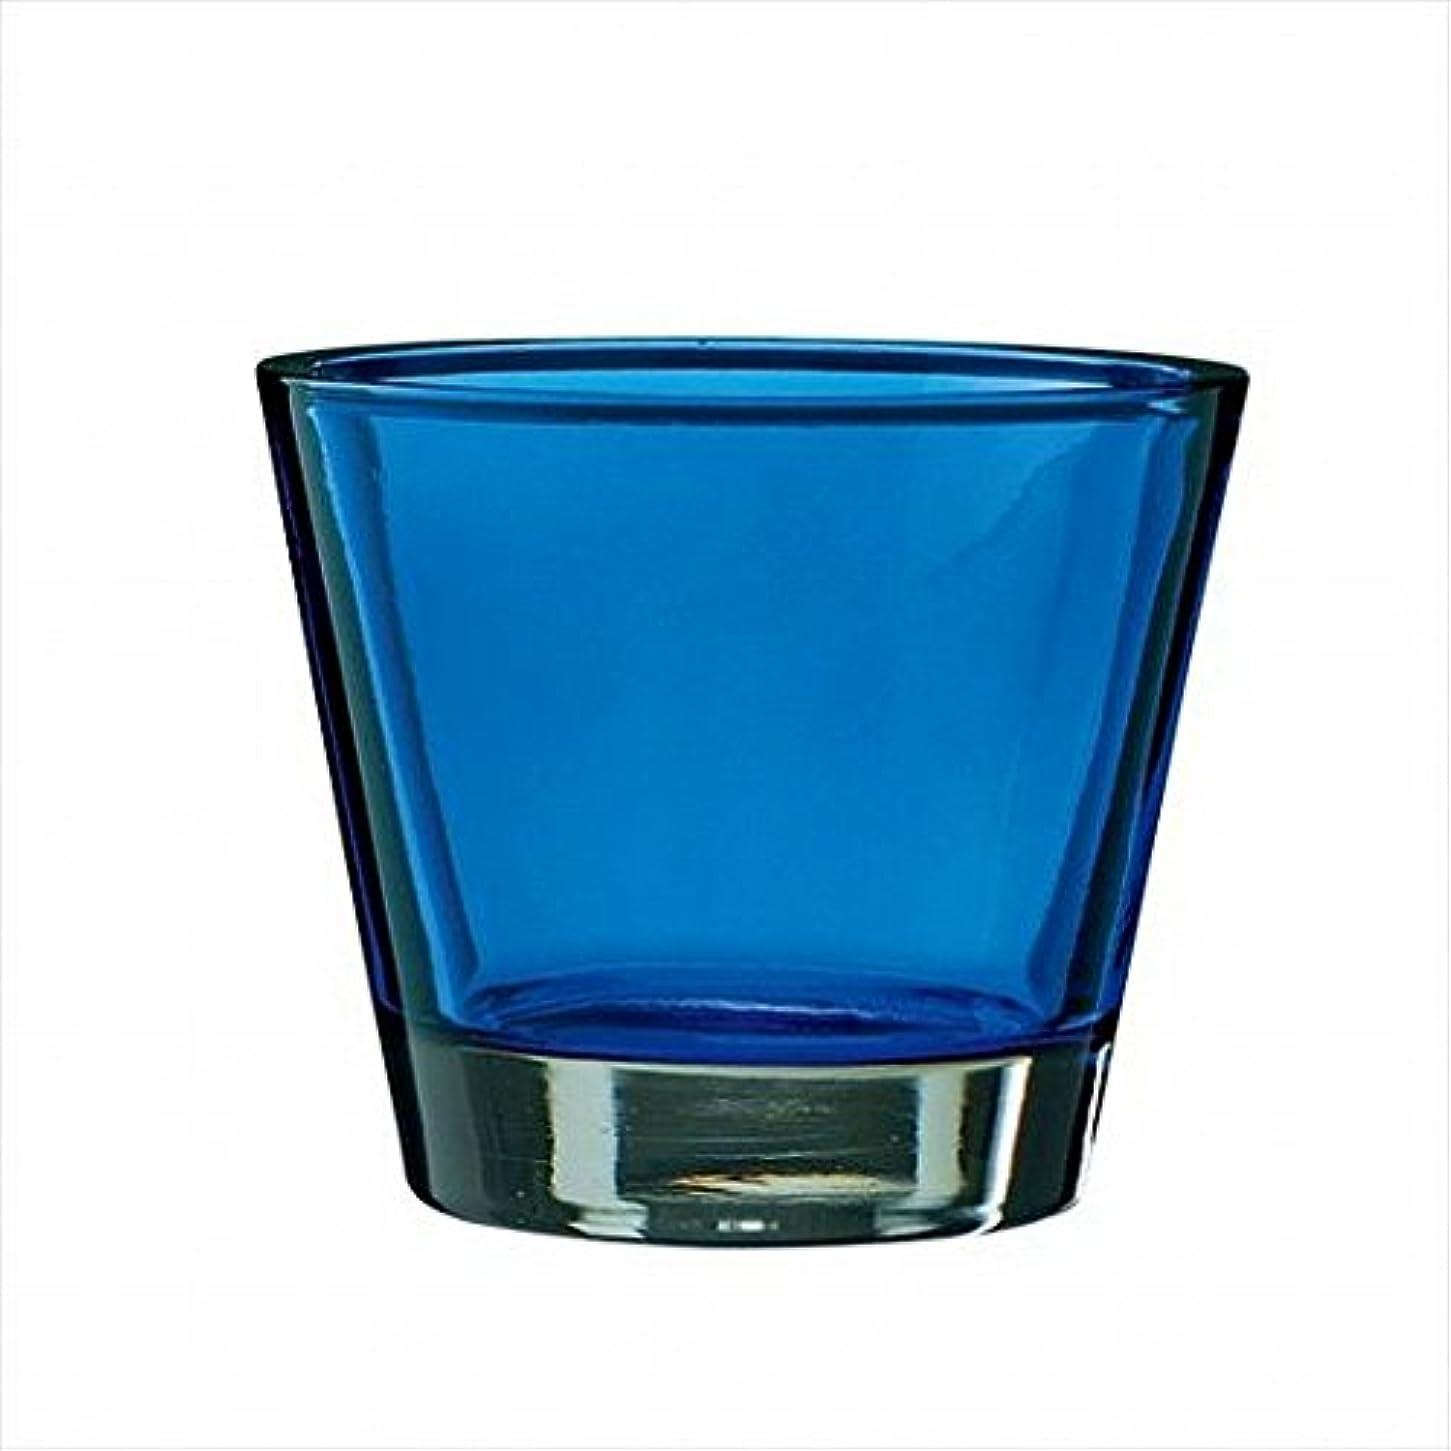 サバントまで道kameyama candle(カメヤマキャンドル) カラリス 「 ブルー 」 キャンドル 82x82x70mm (J2540000B)